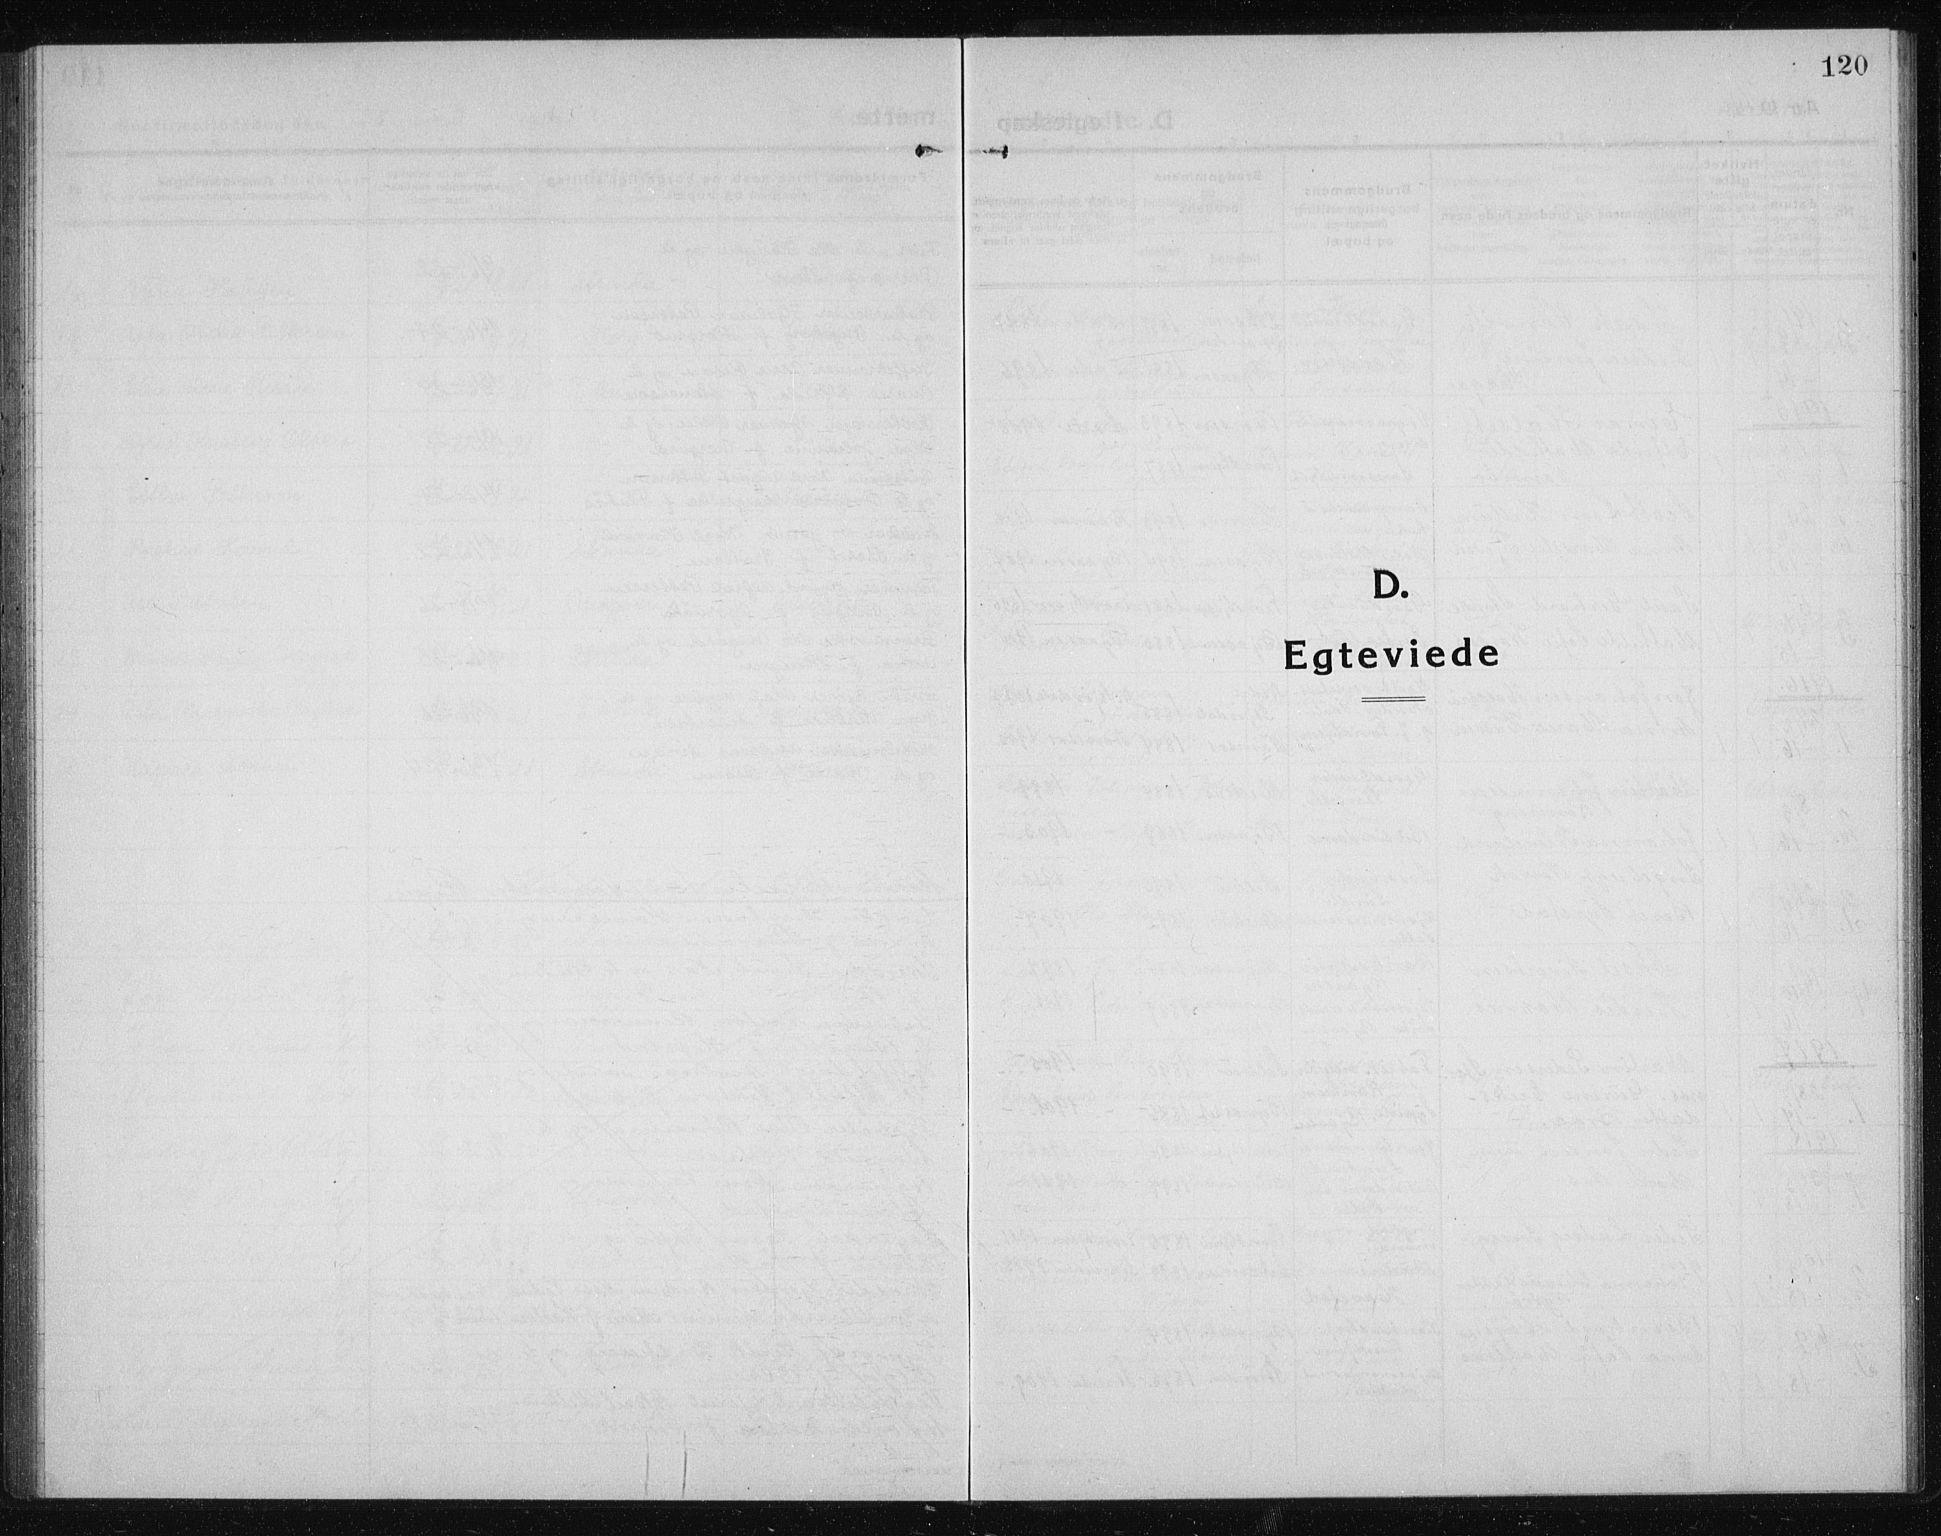 SAT, Ministerialprotokoller, klokkerbøker og fødselsregistre - Sør-Trøndelag, 611/L0356: Klokkerbok nr. 611C04, 1914-1938, s. 120